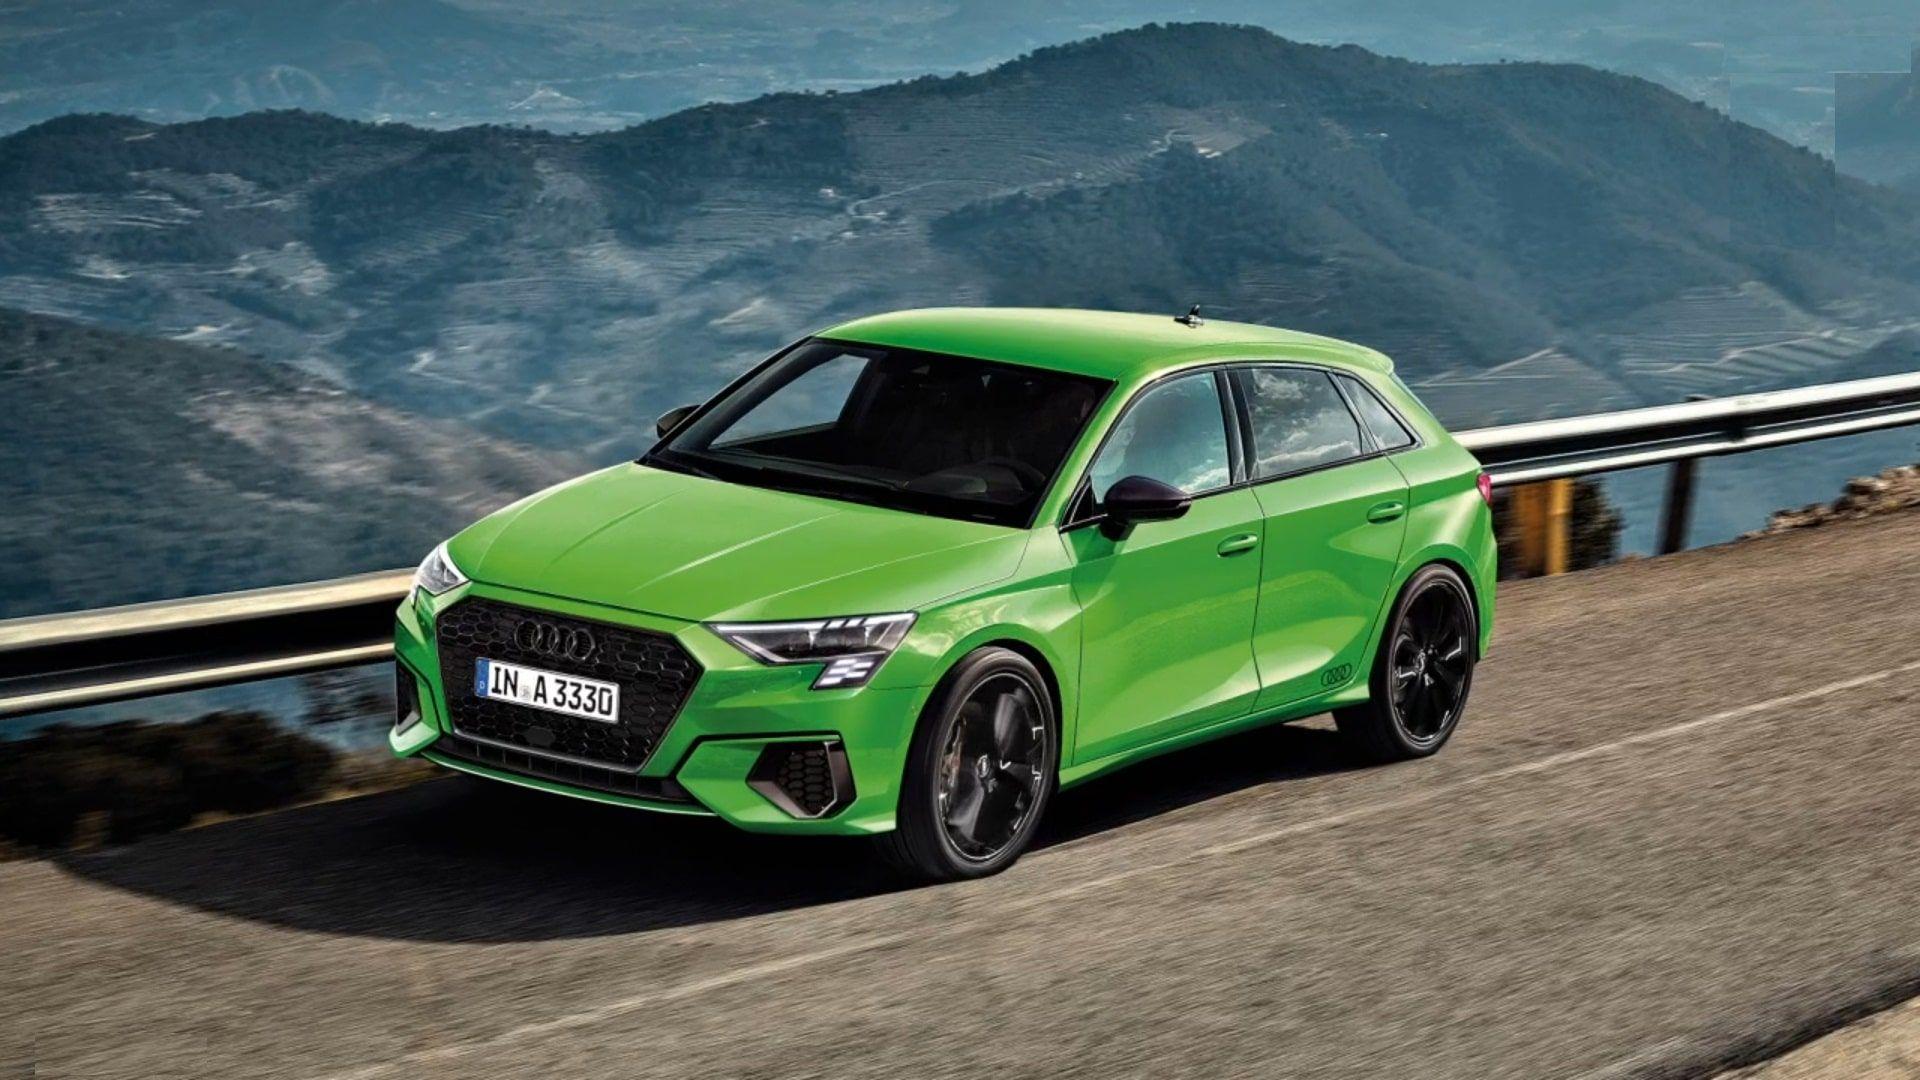 nuova Audi A3: caratteristiche